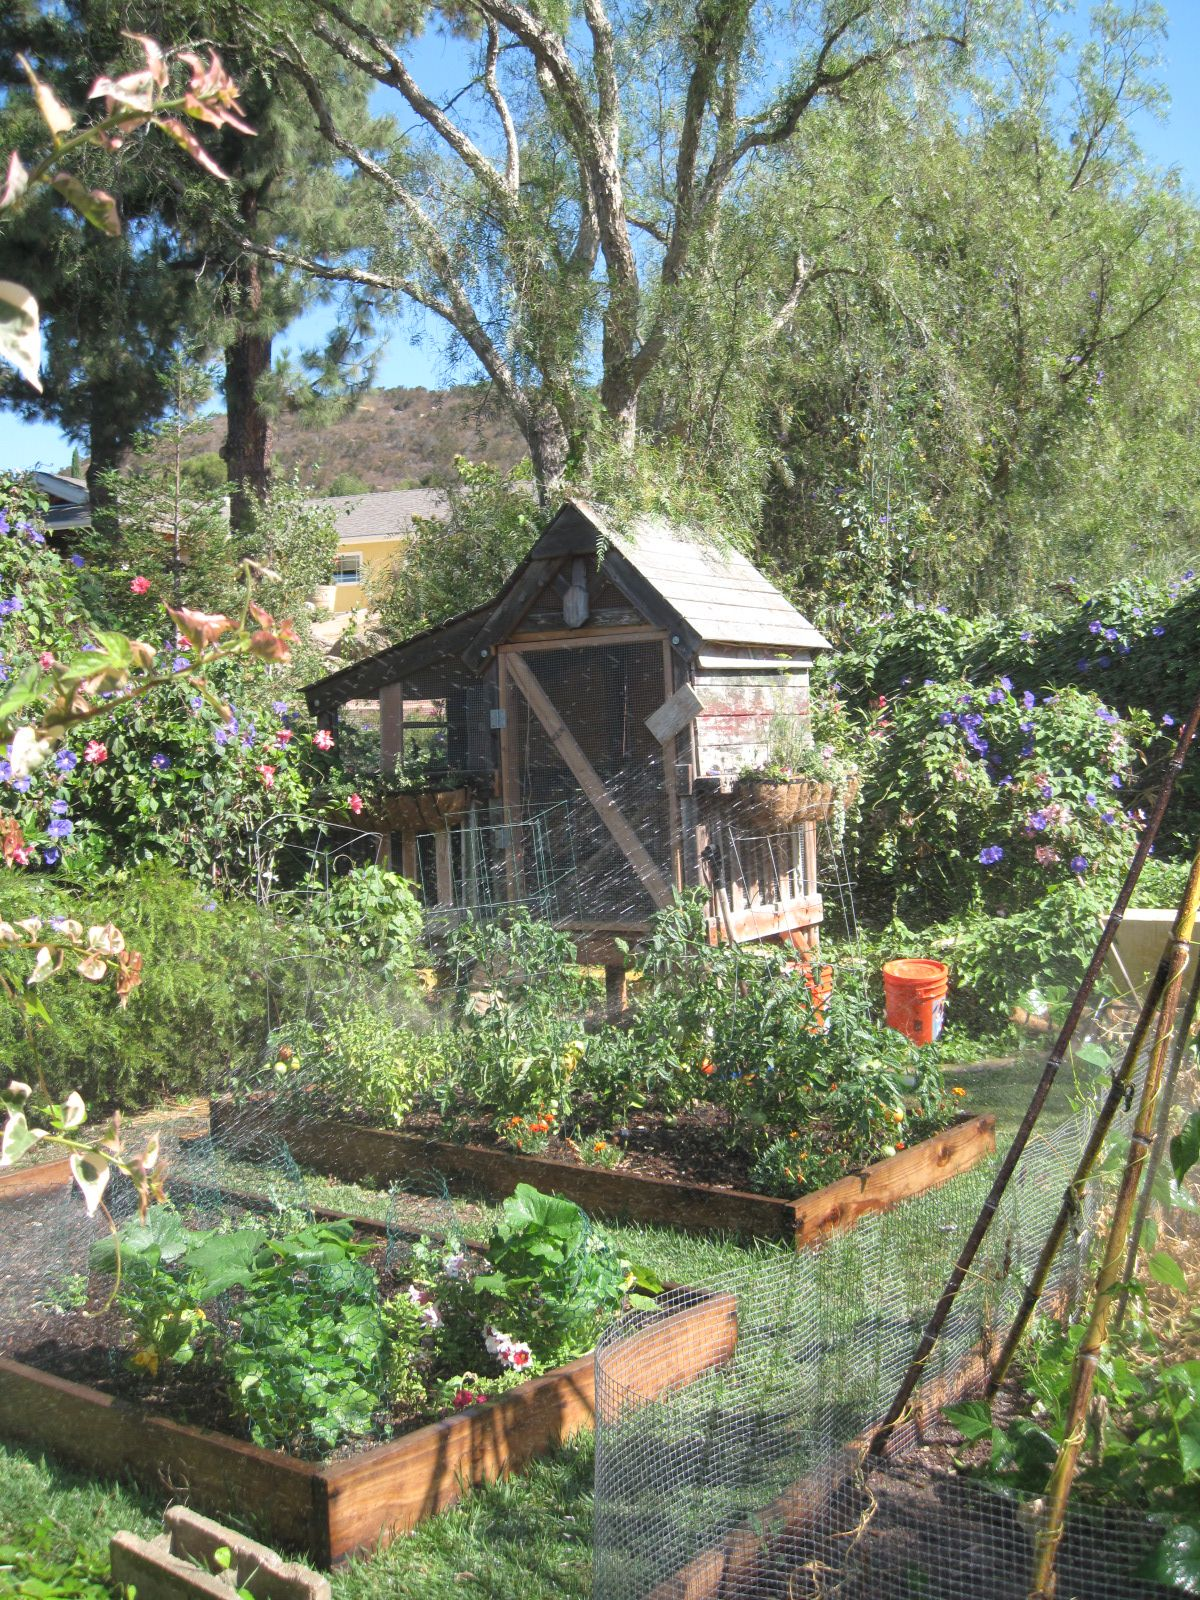 The Chic Iest Chicken Coop Mit Bildern Gemuseanbau Garten Garten Ideen